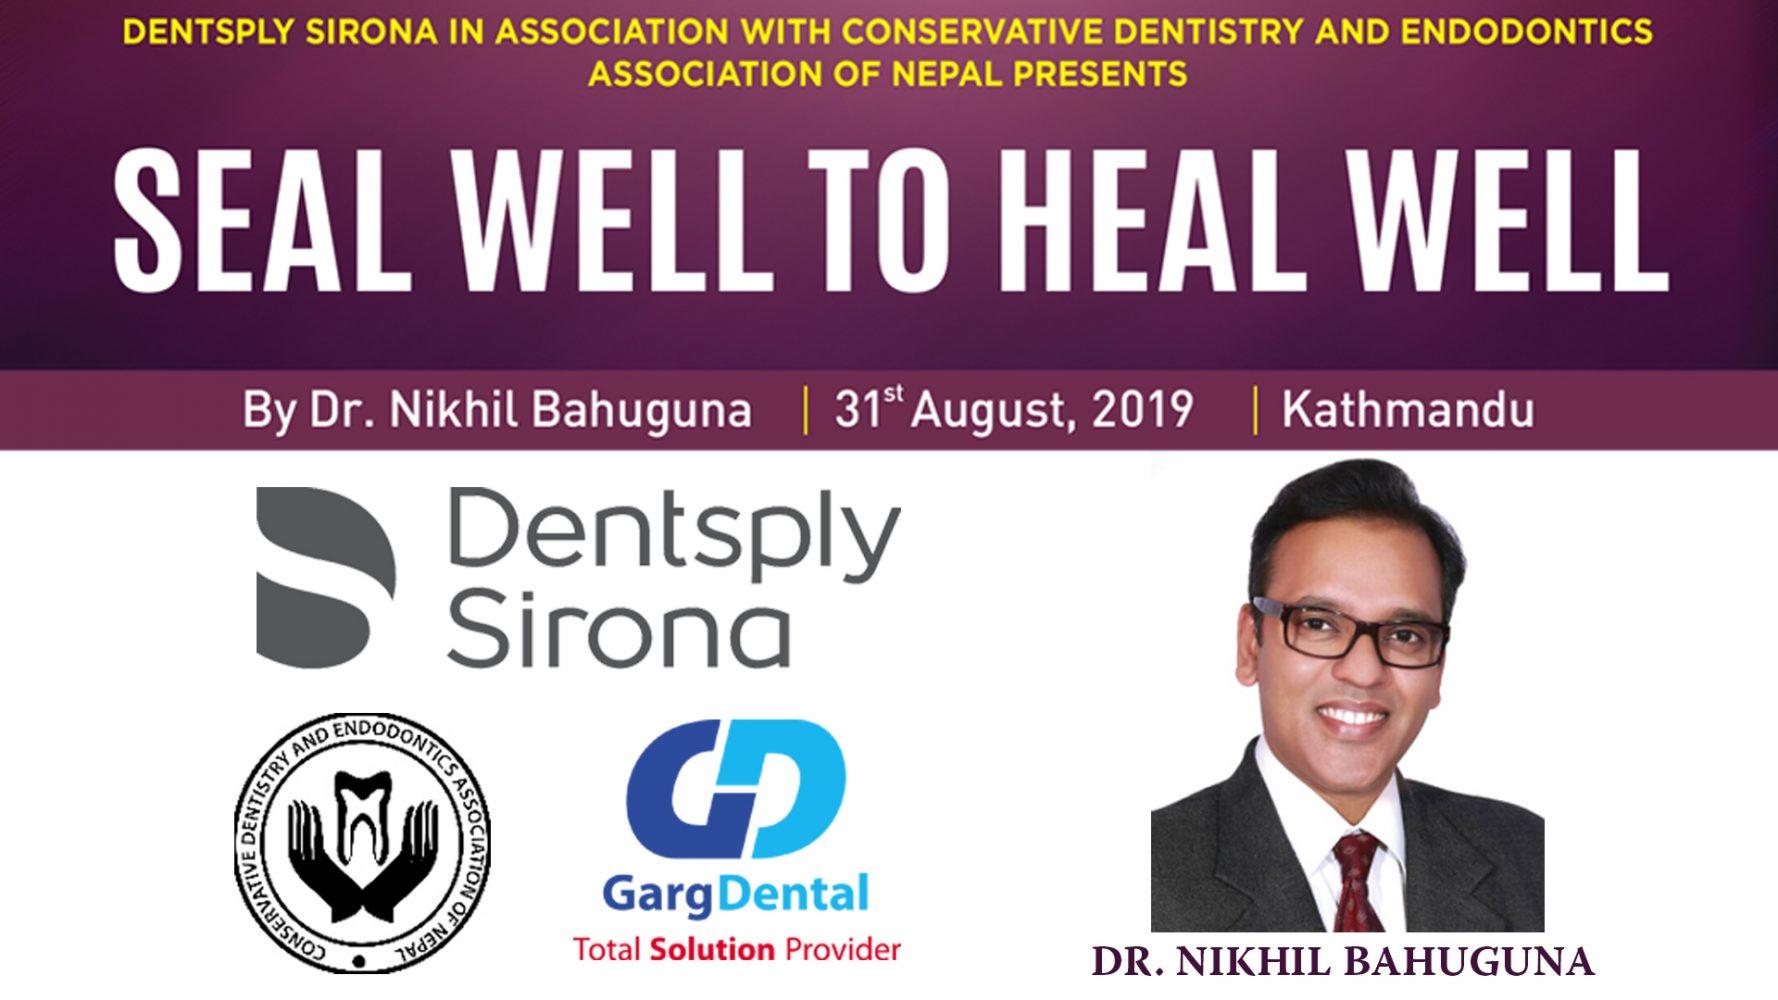 Seal Well to Heal Well – Dr. Nikhil Bahuguna – 31st Aug 2019 – Kathmandu